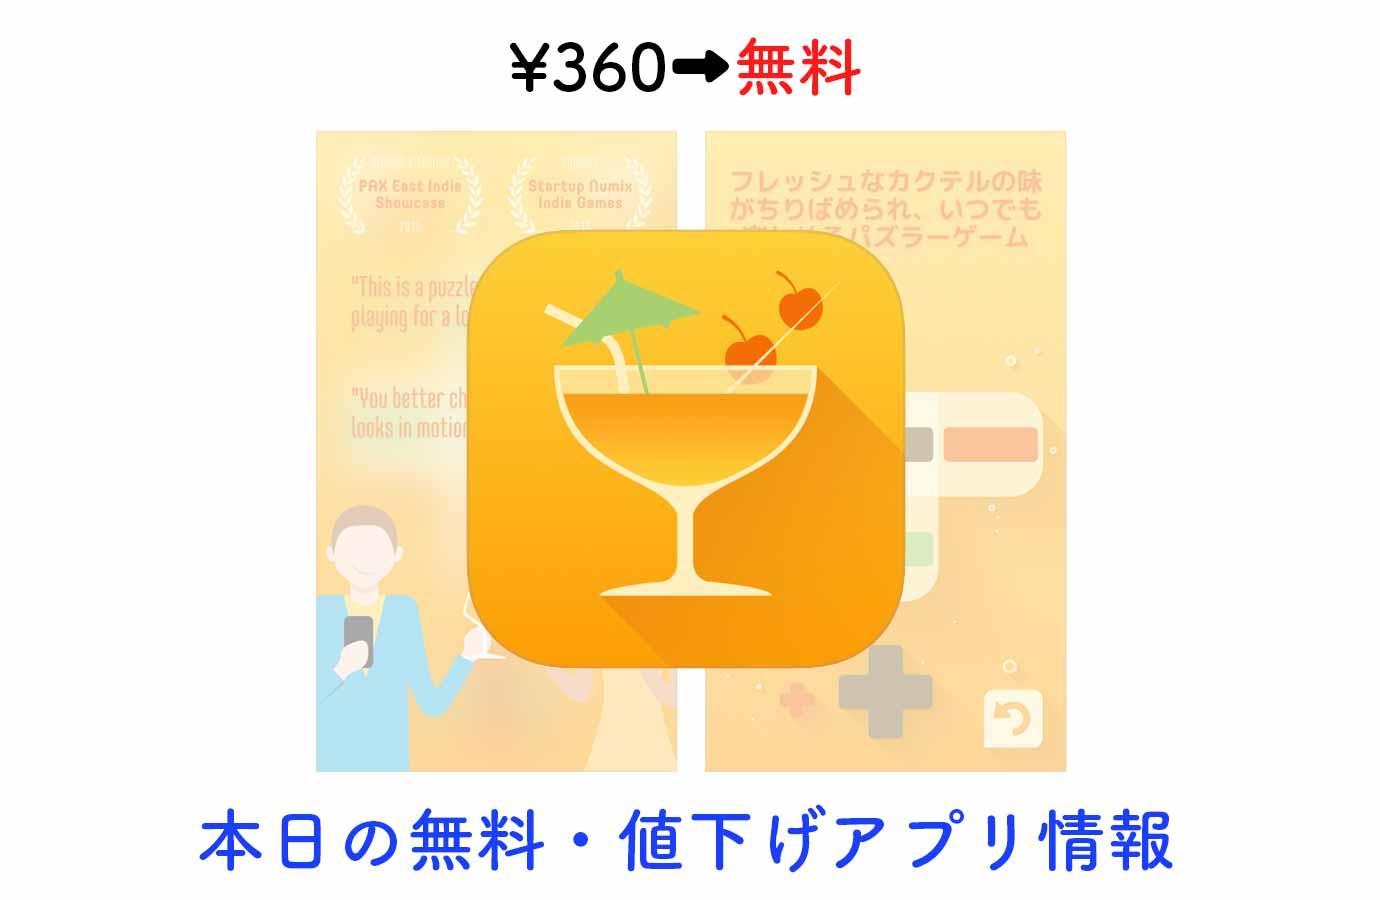 ¥360→無料、同じ色の線をつなげるパズル「Open Bar!」など【9/27】本日の無料・値下げアプリ情報